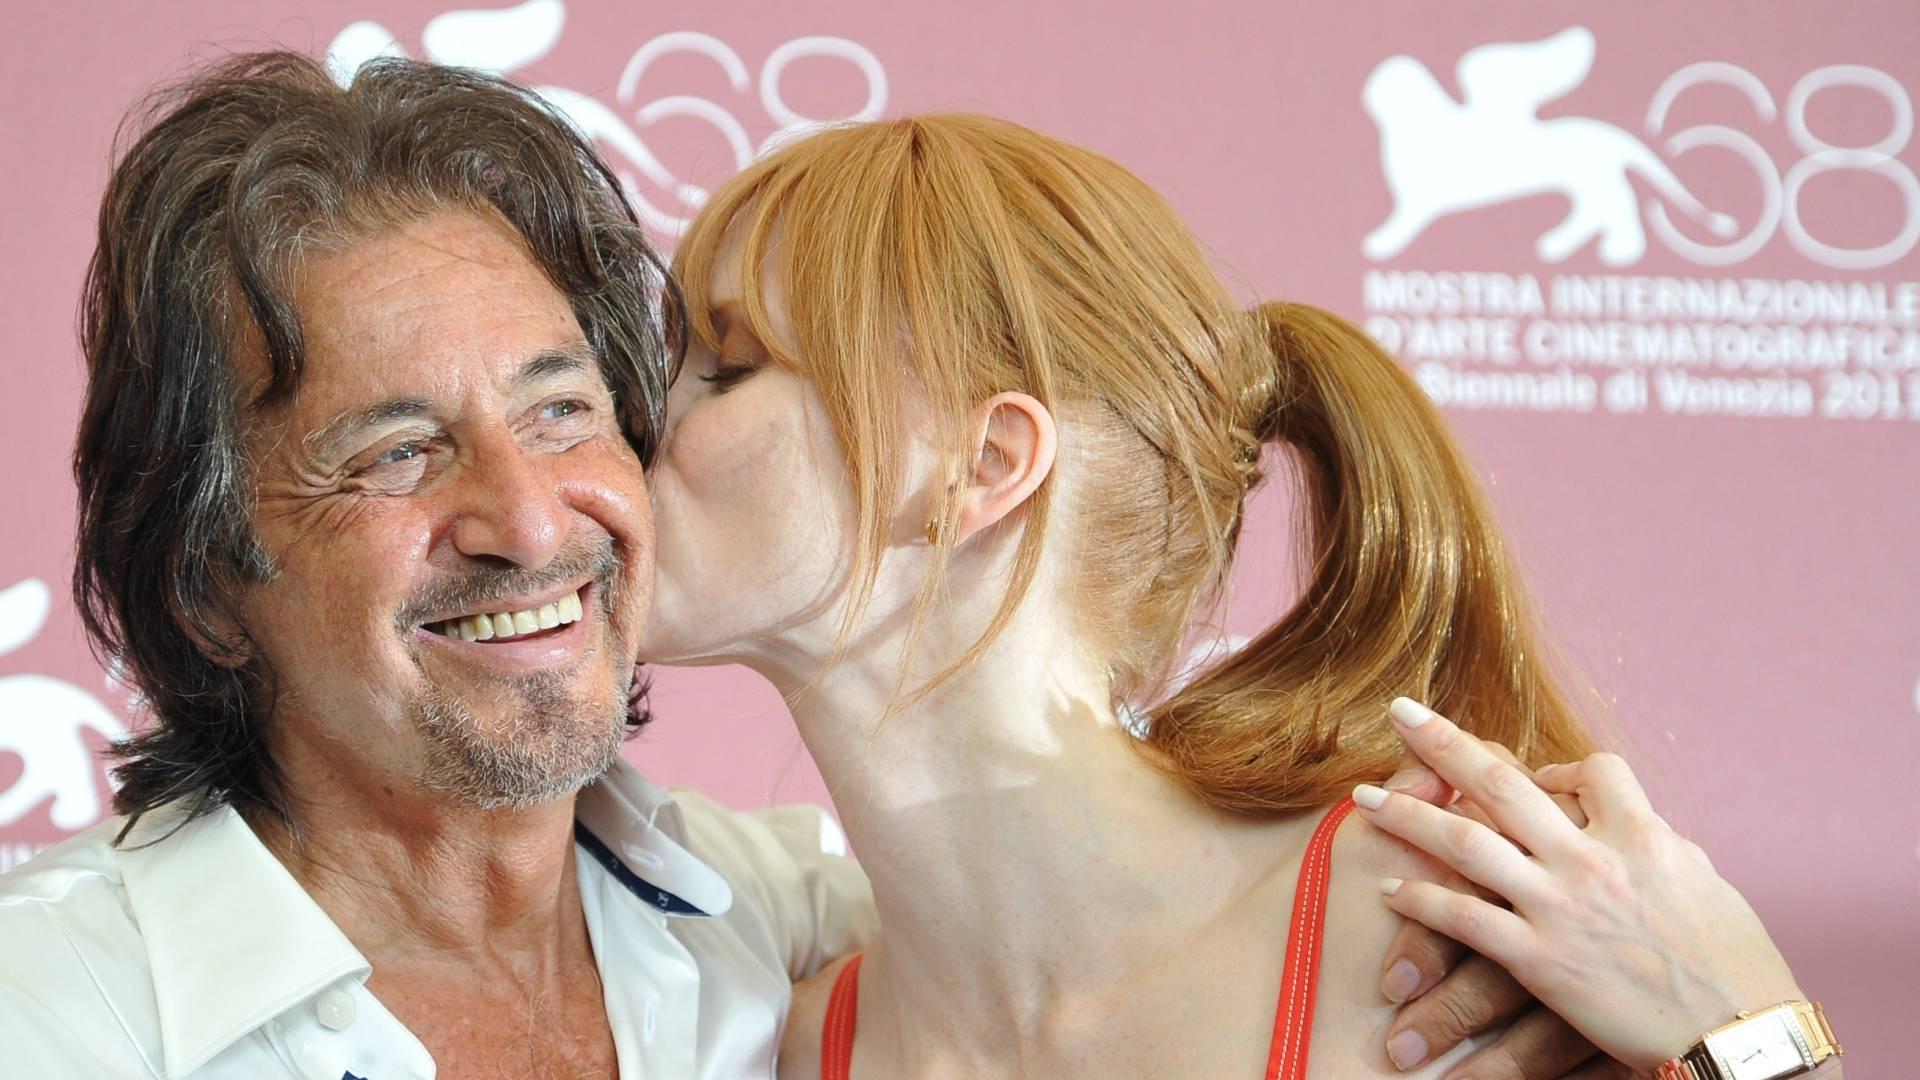 Al Pacino ganha beijo da atriz Jessica Chastain no tapete vermelho durante sessão de fotos do filme